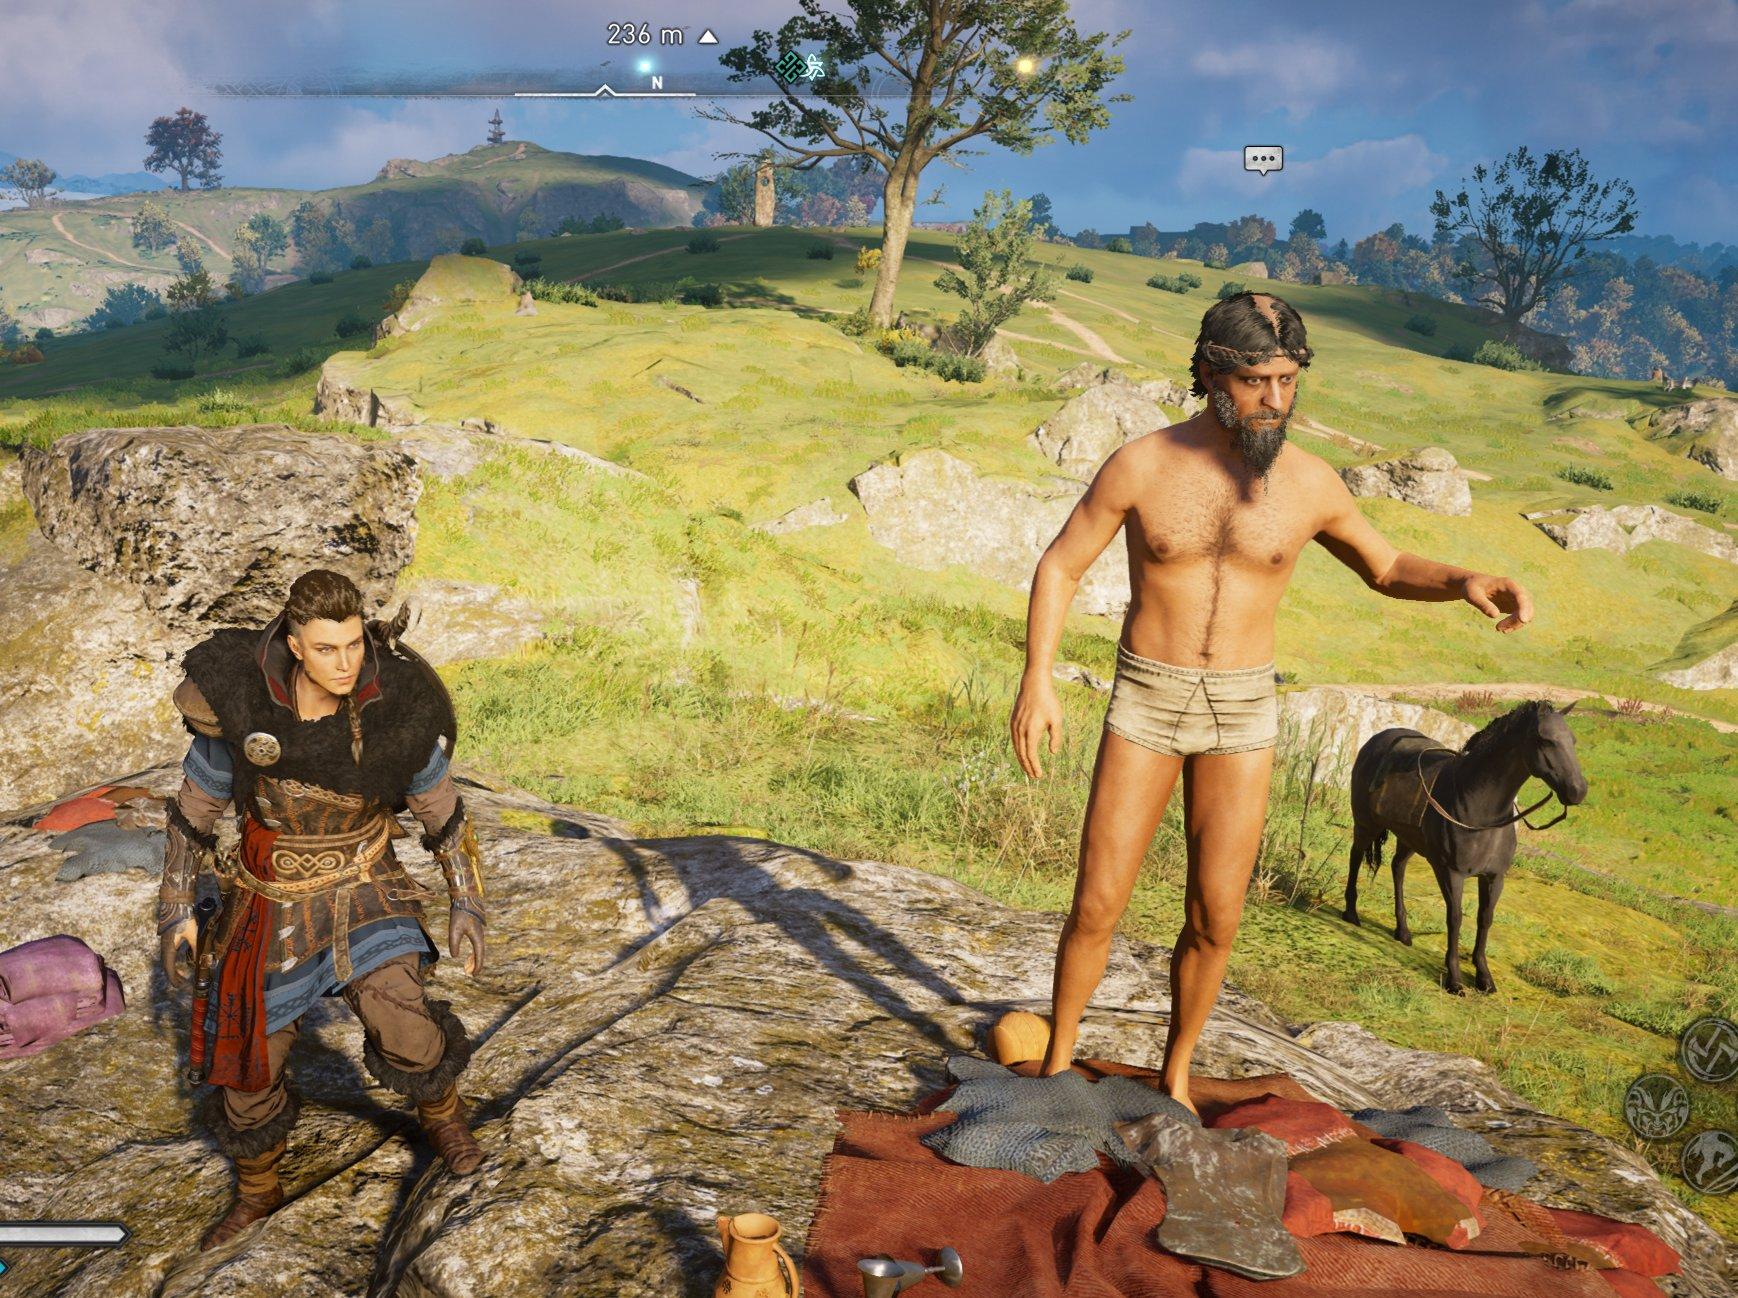 Deutsch nudity 9 American